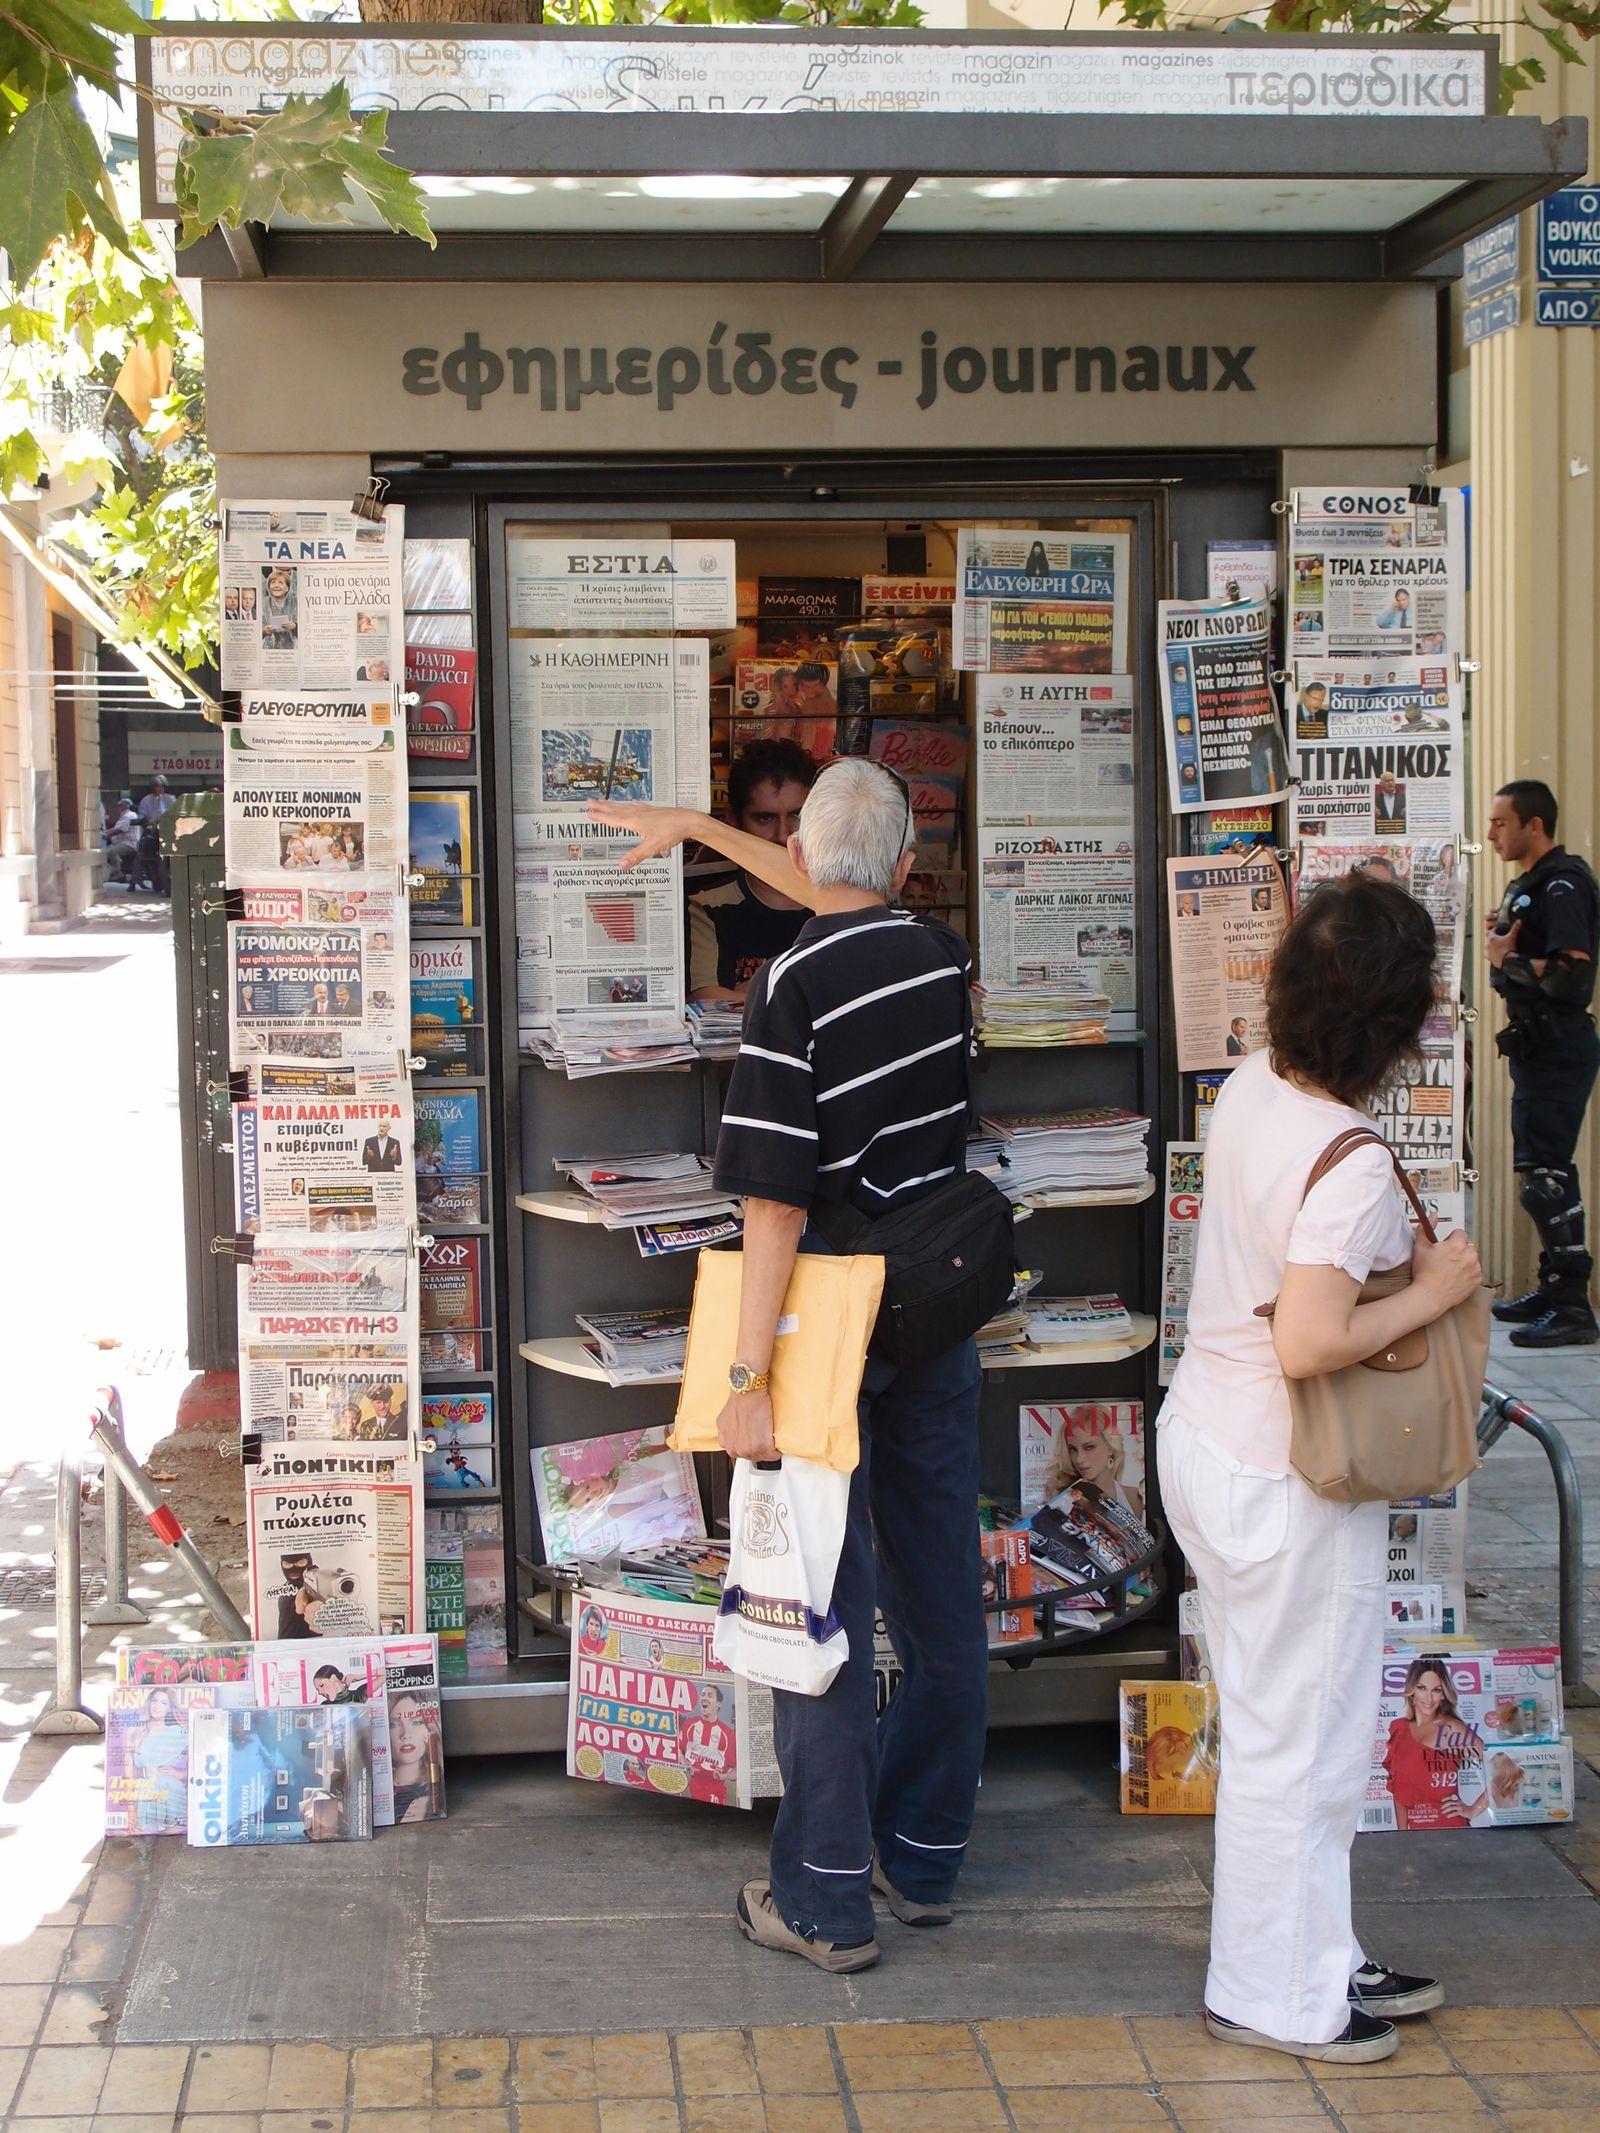 Griechenland/ Athen/ Presse